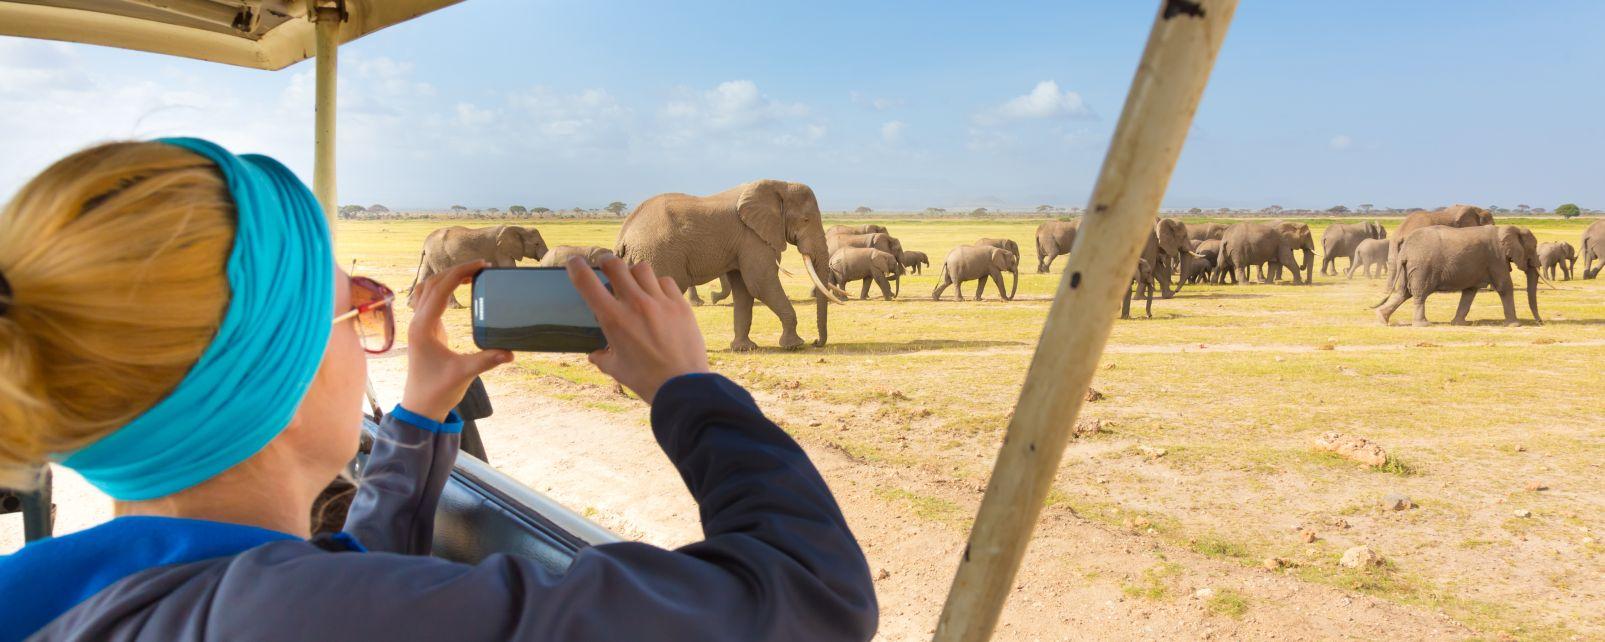 Les paysages, Lopé, gabon, réserve, parc, afrique, éléphant, animal, faune, mammifère